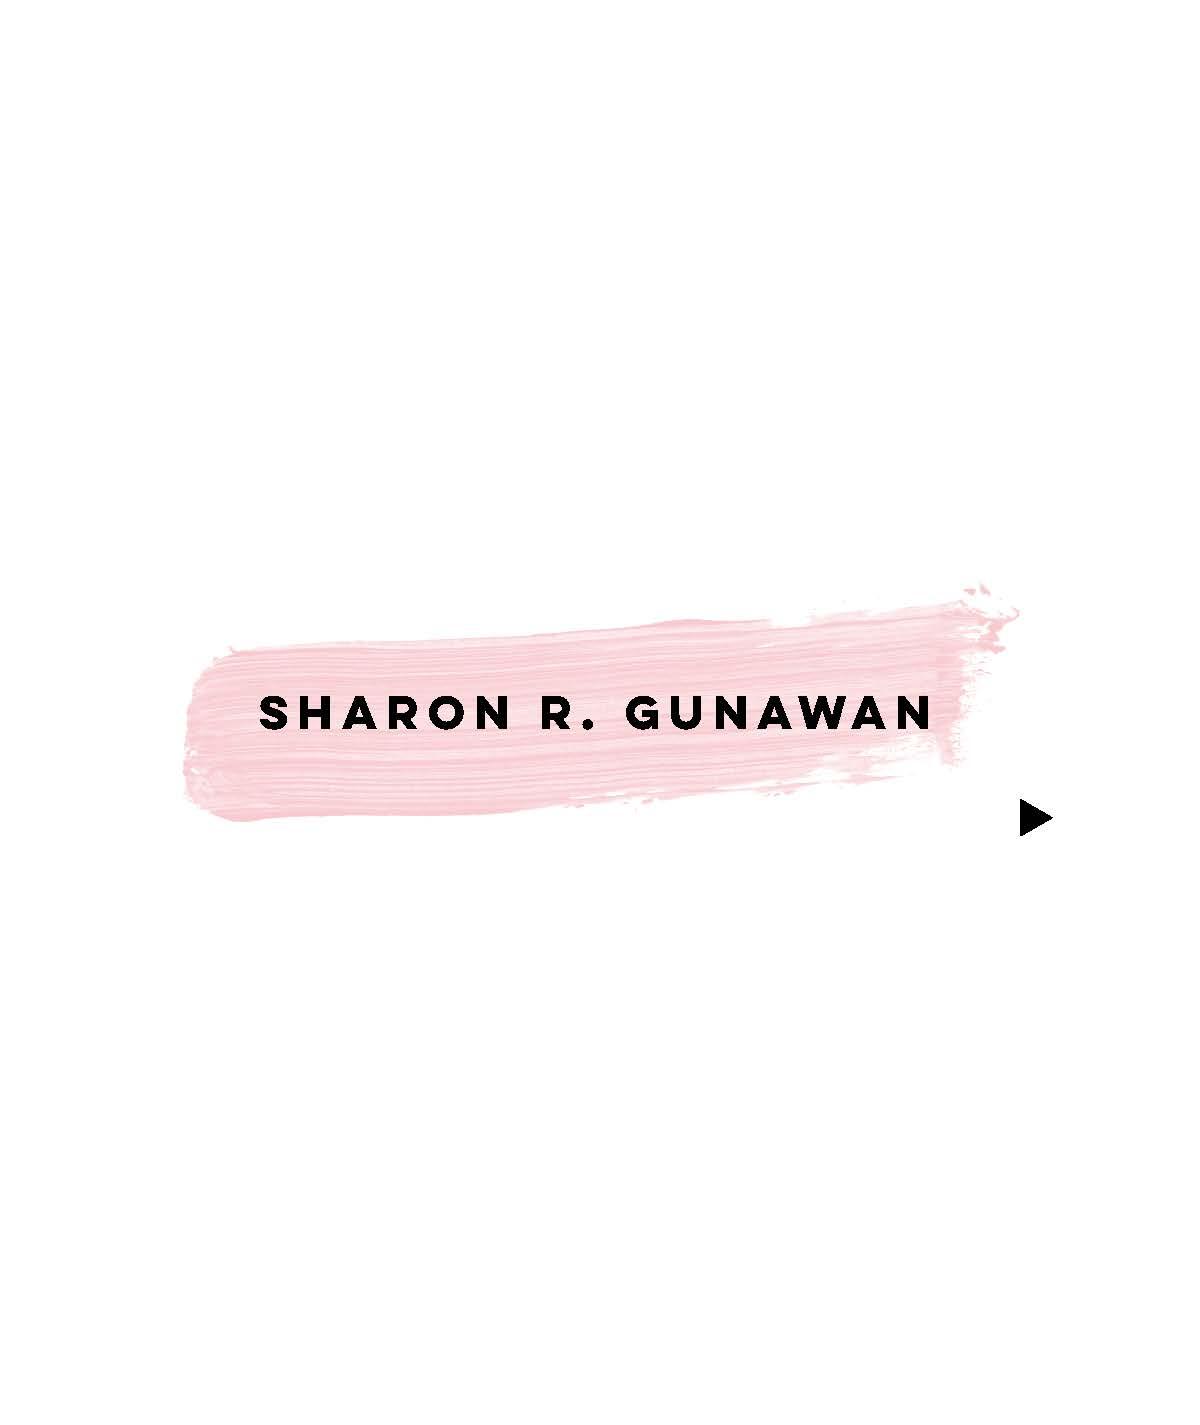 SHARON GUNAWAN